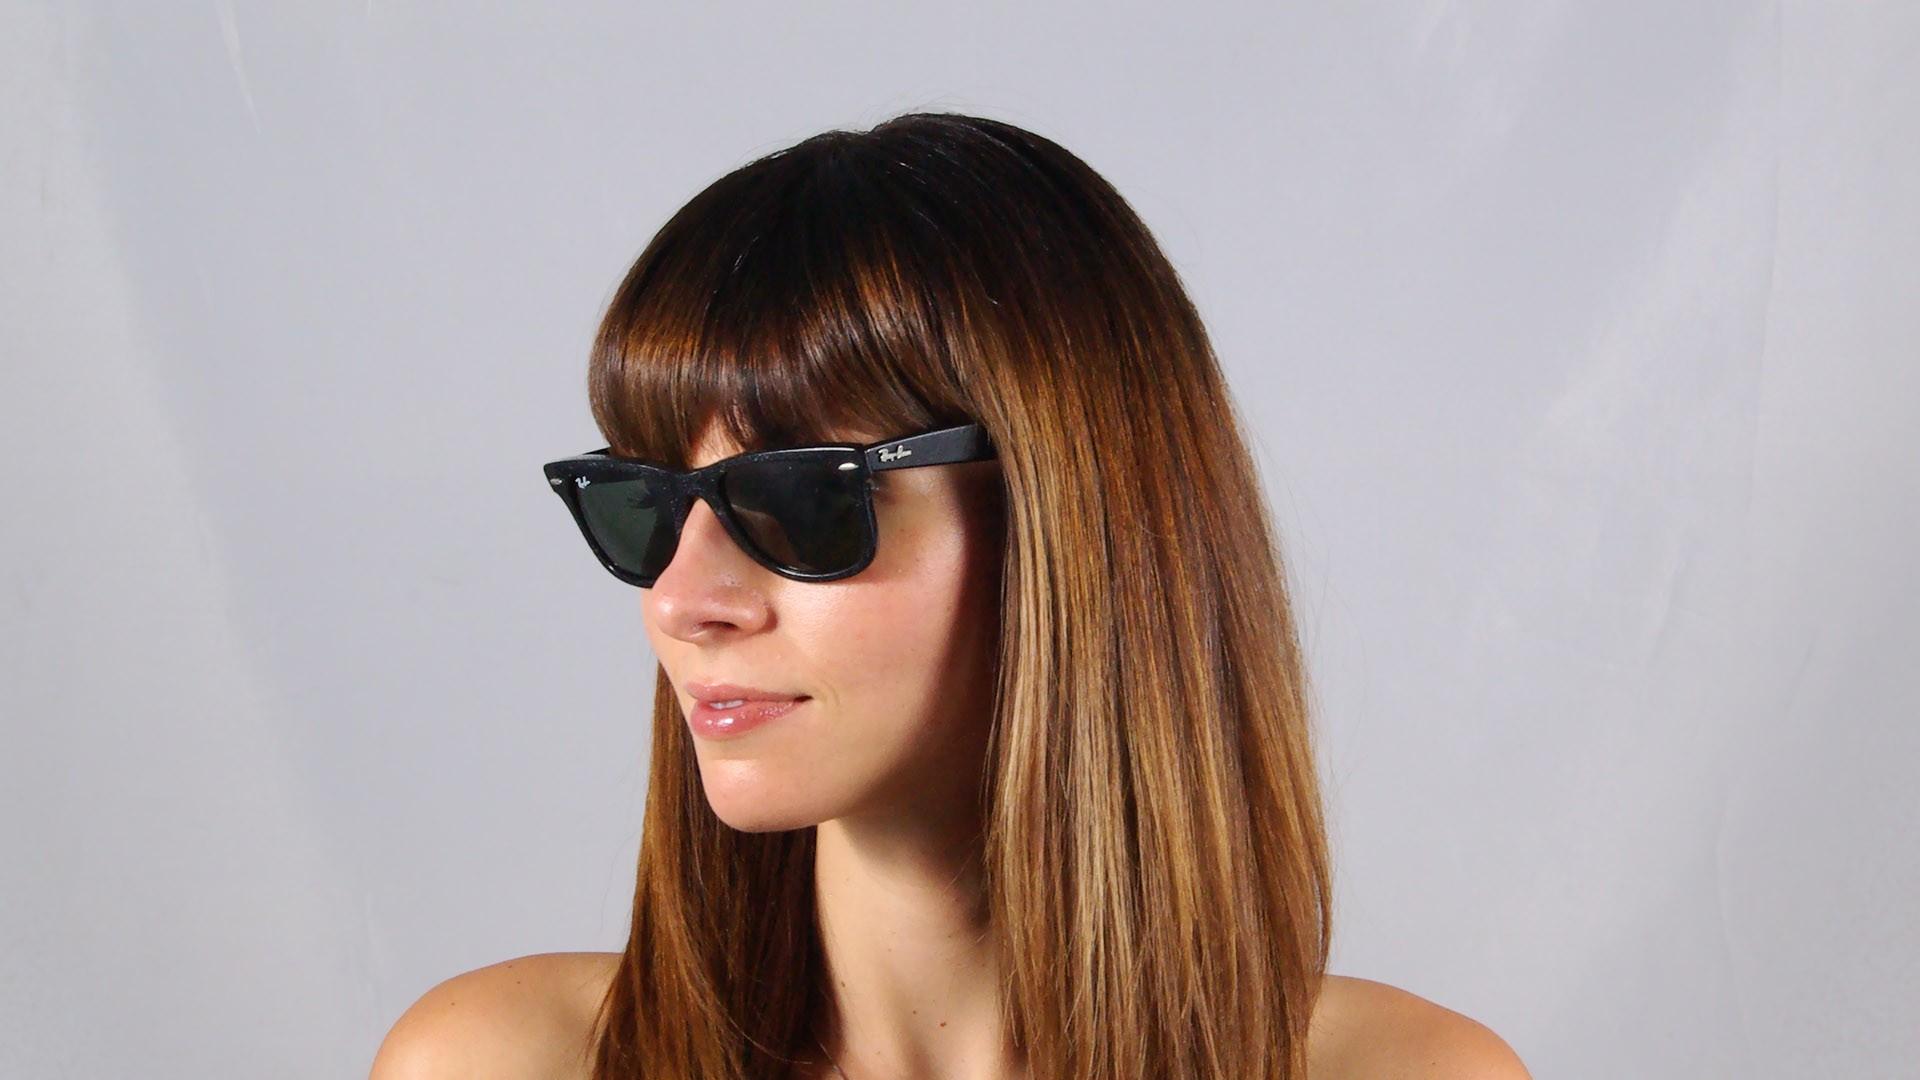 43e797febd492 Sunglasses Ray-Ban Original Wayfarer Distressed Black G15 RB2140 1184 50  Medium